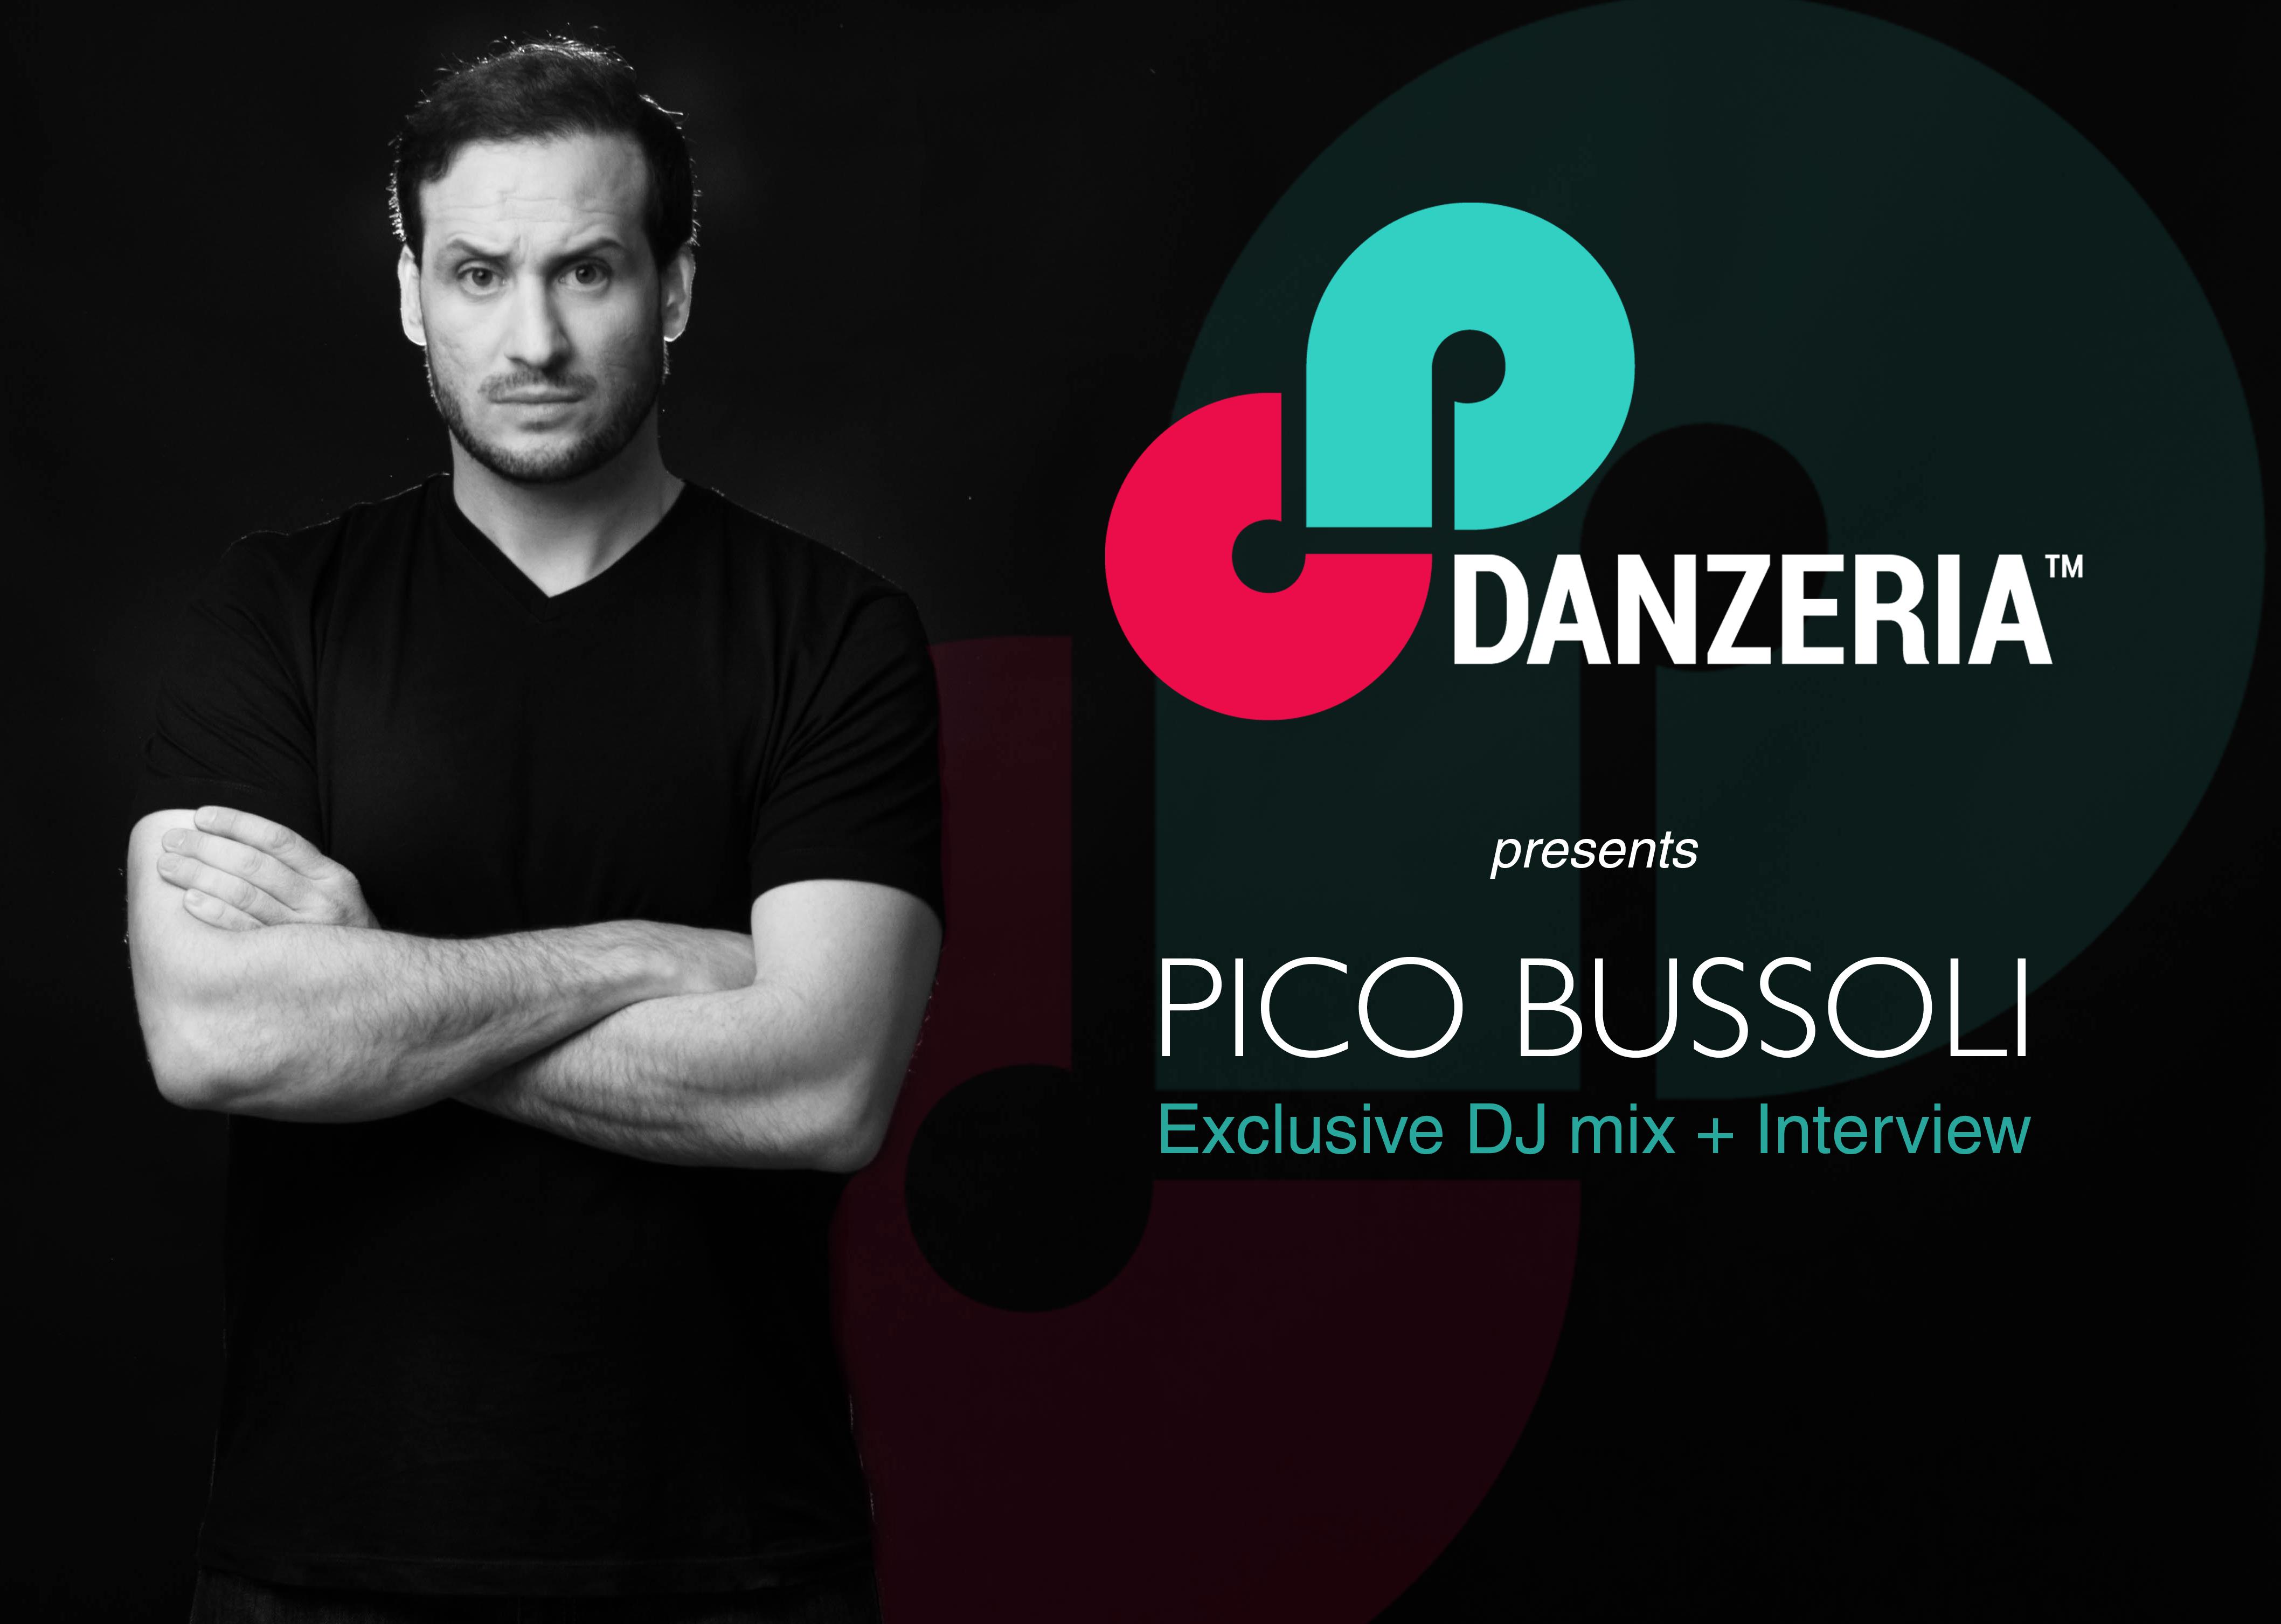 Danzeria - Pico Bussoli flyer